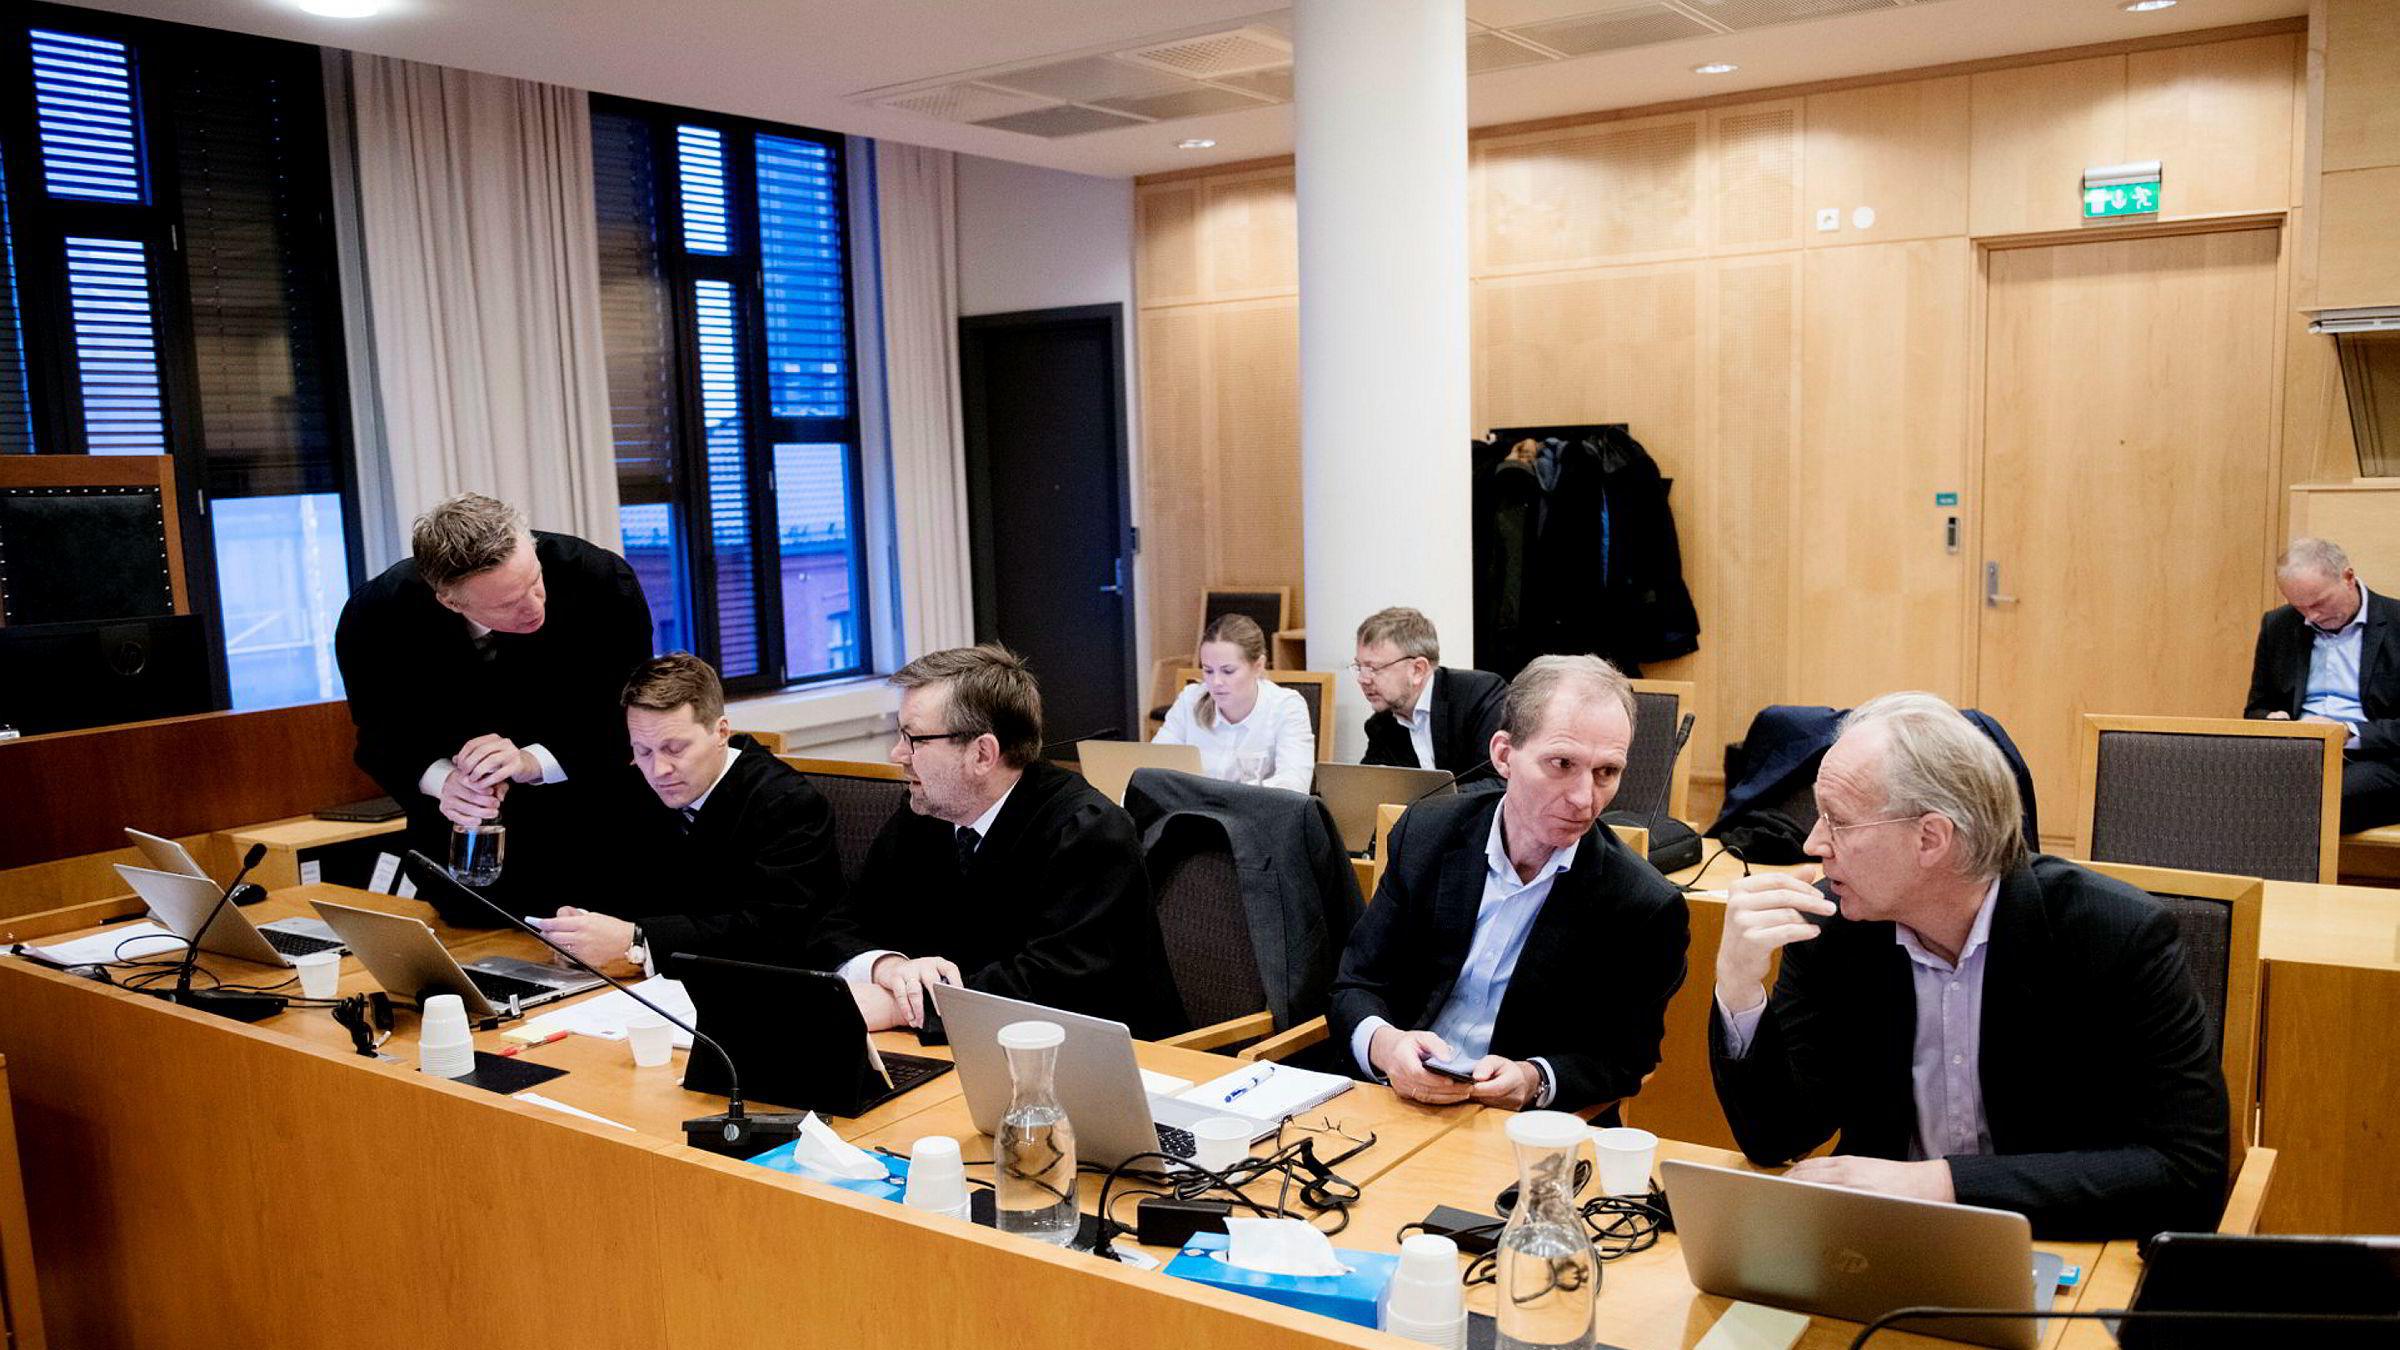 DNBs advokat Helge Lundestad (fra venstre) og advokat Lars Ekeland med advokat Frode A. Innjord fra Hjort Advokater i Oslo tingrett tok oppgjør med Forbrukerrådets påstand om at fondet DNB Norge er et skapindeksfond i retten onsdag. Til høyre DNBs fondssjef Torkild Varran og porteføljeforvalter Odd Einar Lillebostad.